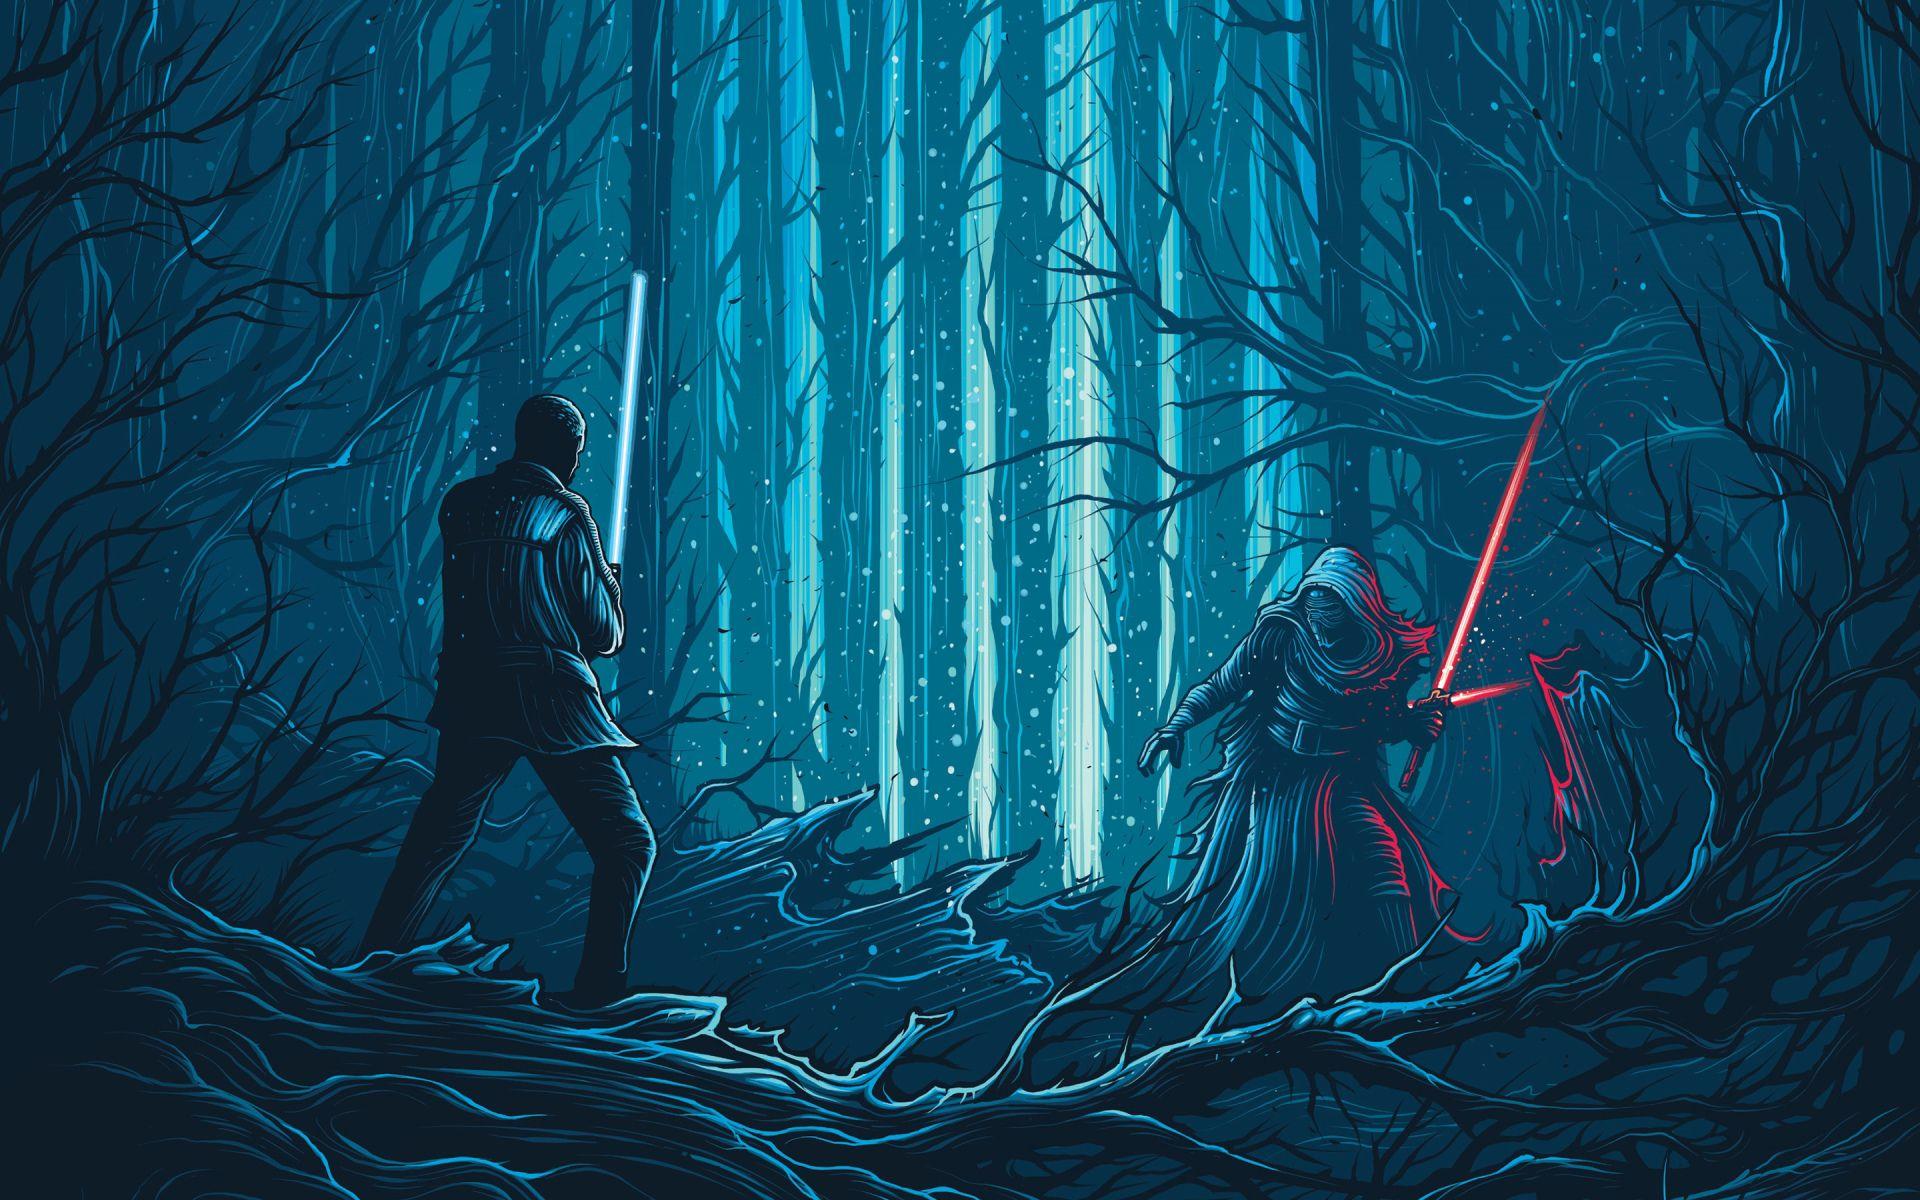 Star Wars Episode Vii The Force Awakens Wallpaper 092 Gambar Seni